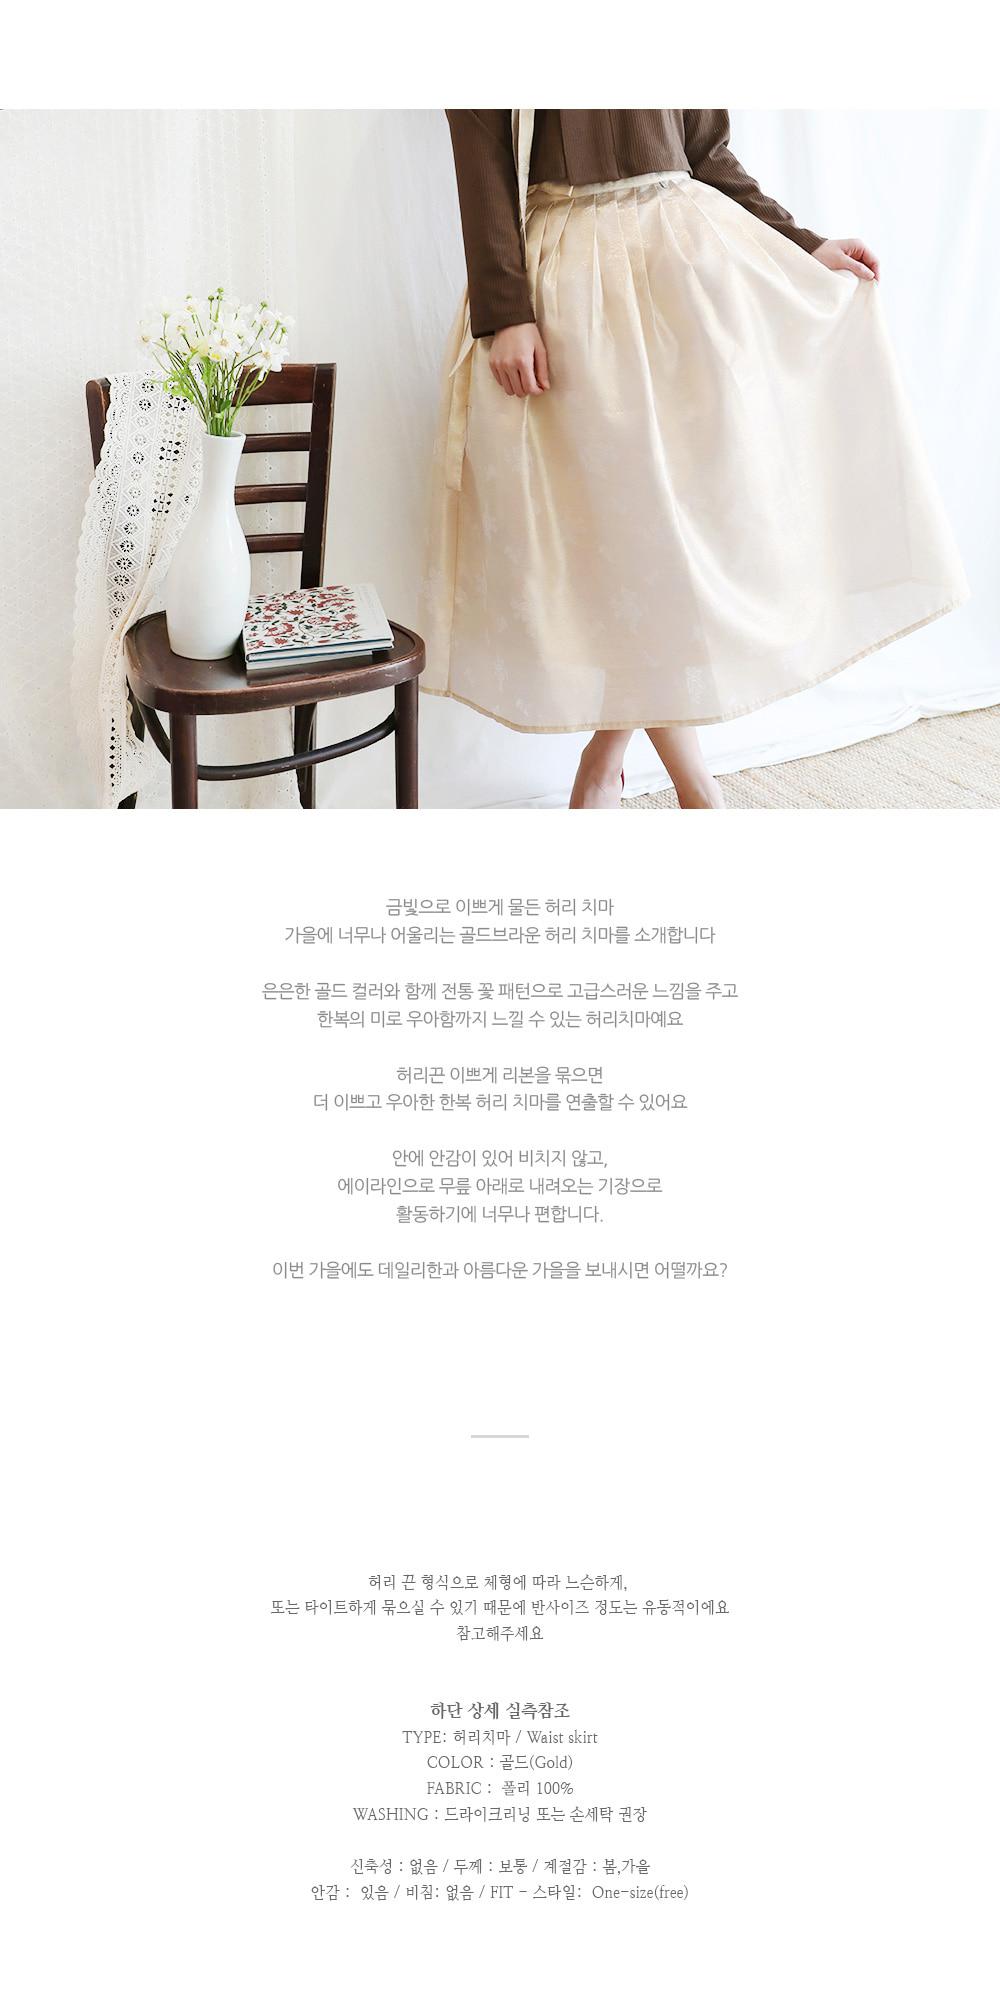 골드브라운 허리치마(골드) - 데일리한, 138,000원, 생활한복, 여성한복